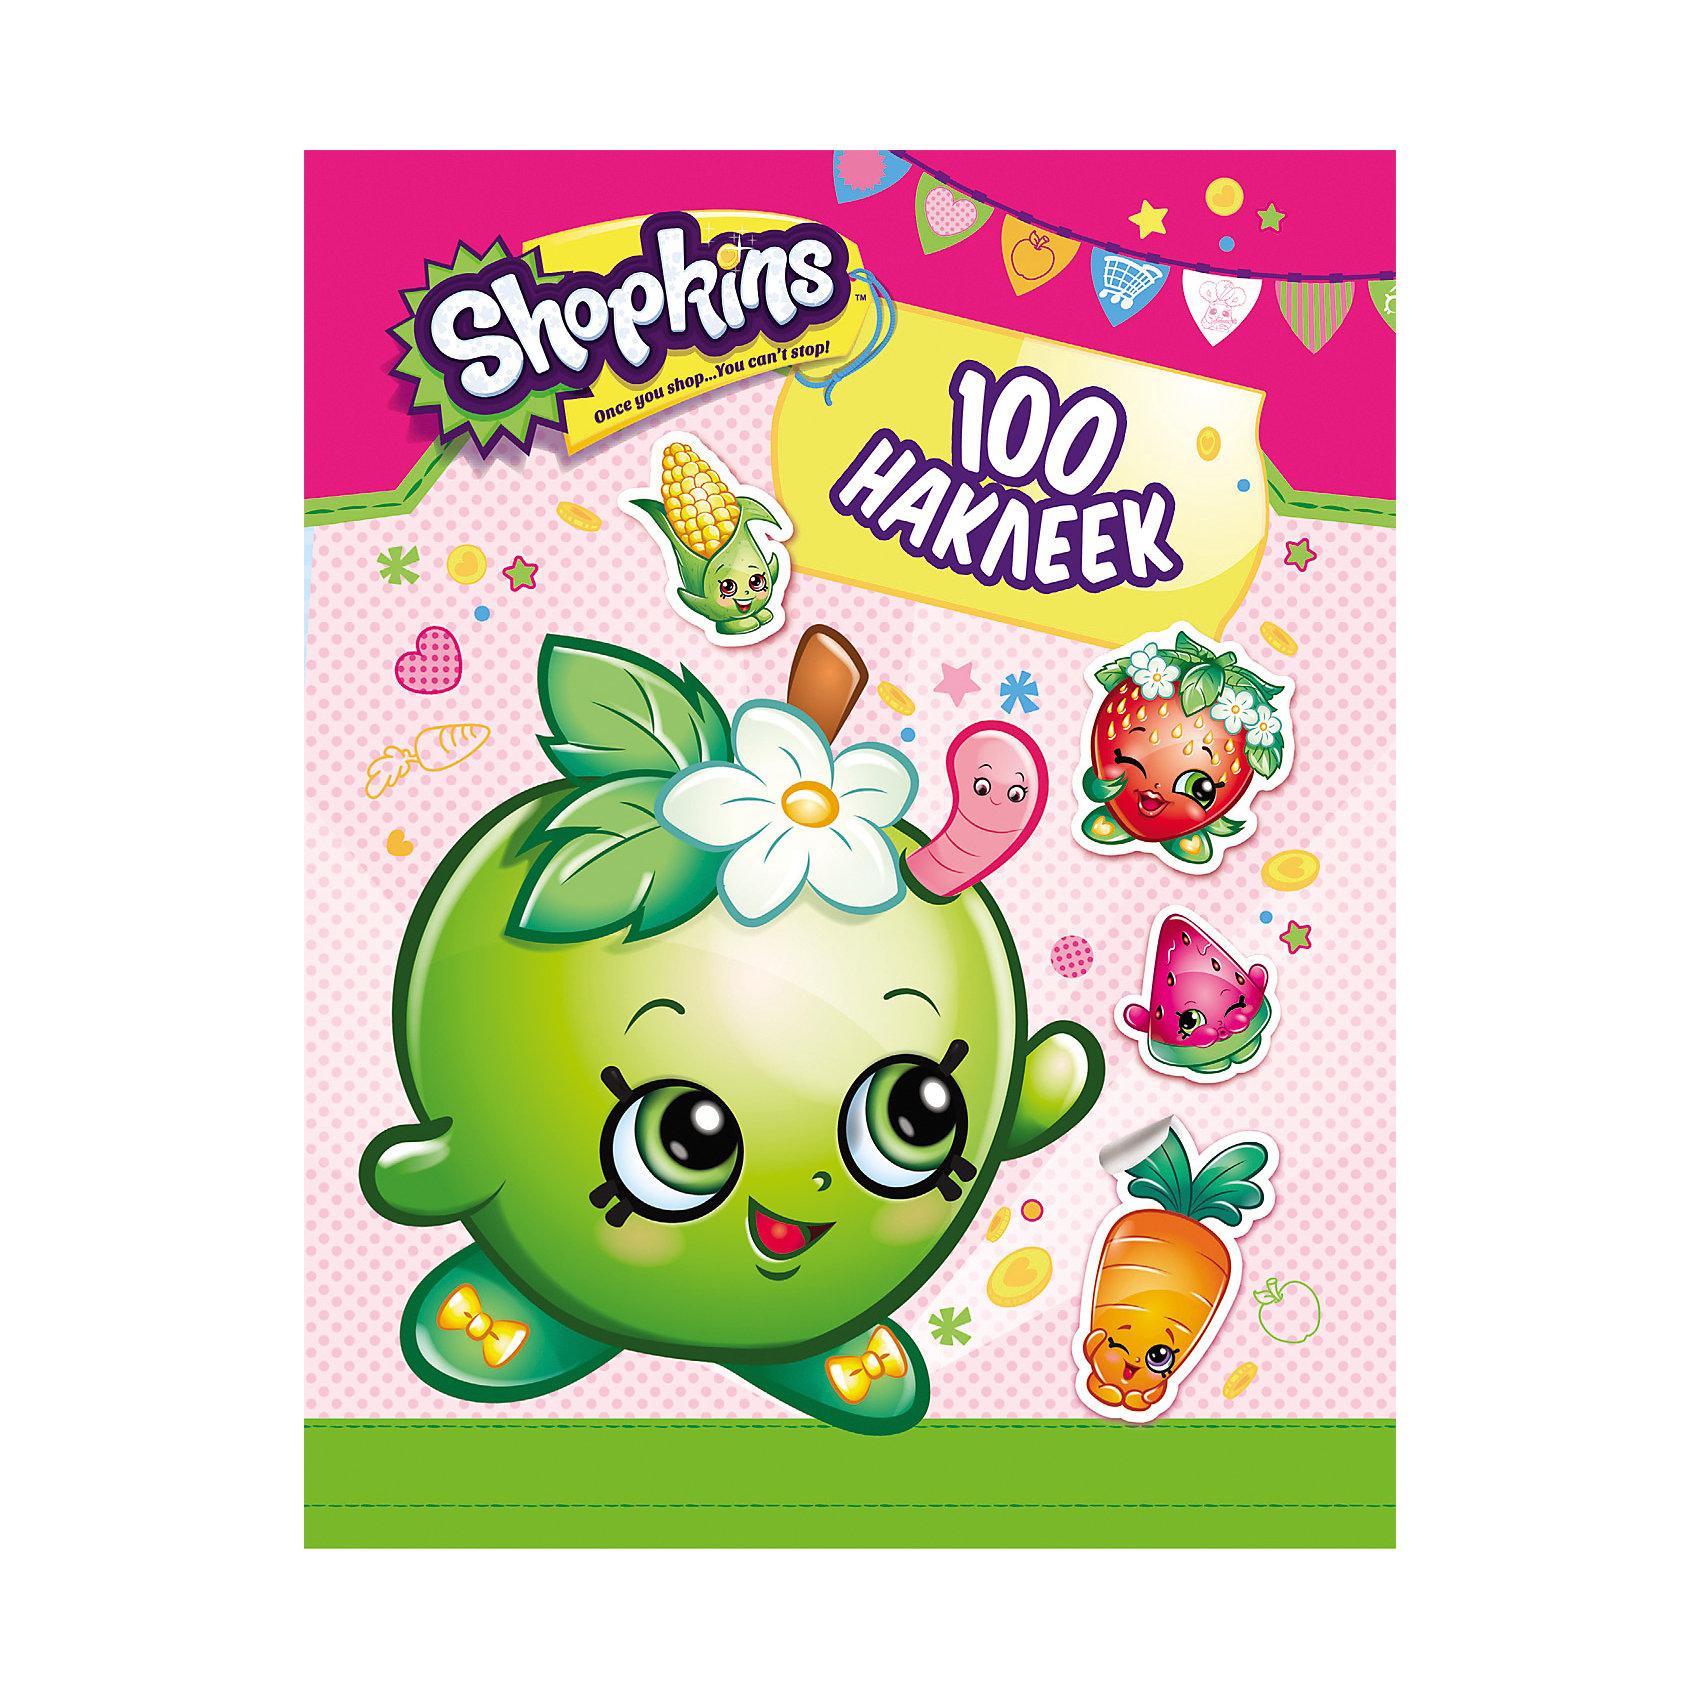 100 наклеек, цвет зеленый, ShopkinsКоллекция наклеек с любимыми героями мультфильма Shopkins. &#13;<br>В этом альбоме - целых 100 ярких наклеек, можно украсить комнату, тетради и игрушки!<br><br>Ширина мм: 200<br>Глубина мм: 152<br>Высота мм: 10<br>Вес г: 33<br>Возраст от месяцев: -2147483648<br>Возраст до месяцев: 2147483647<br>Пол: Унисекс<br>Возраст: Детский<br>SKU: 5453535